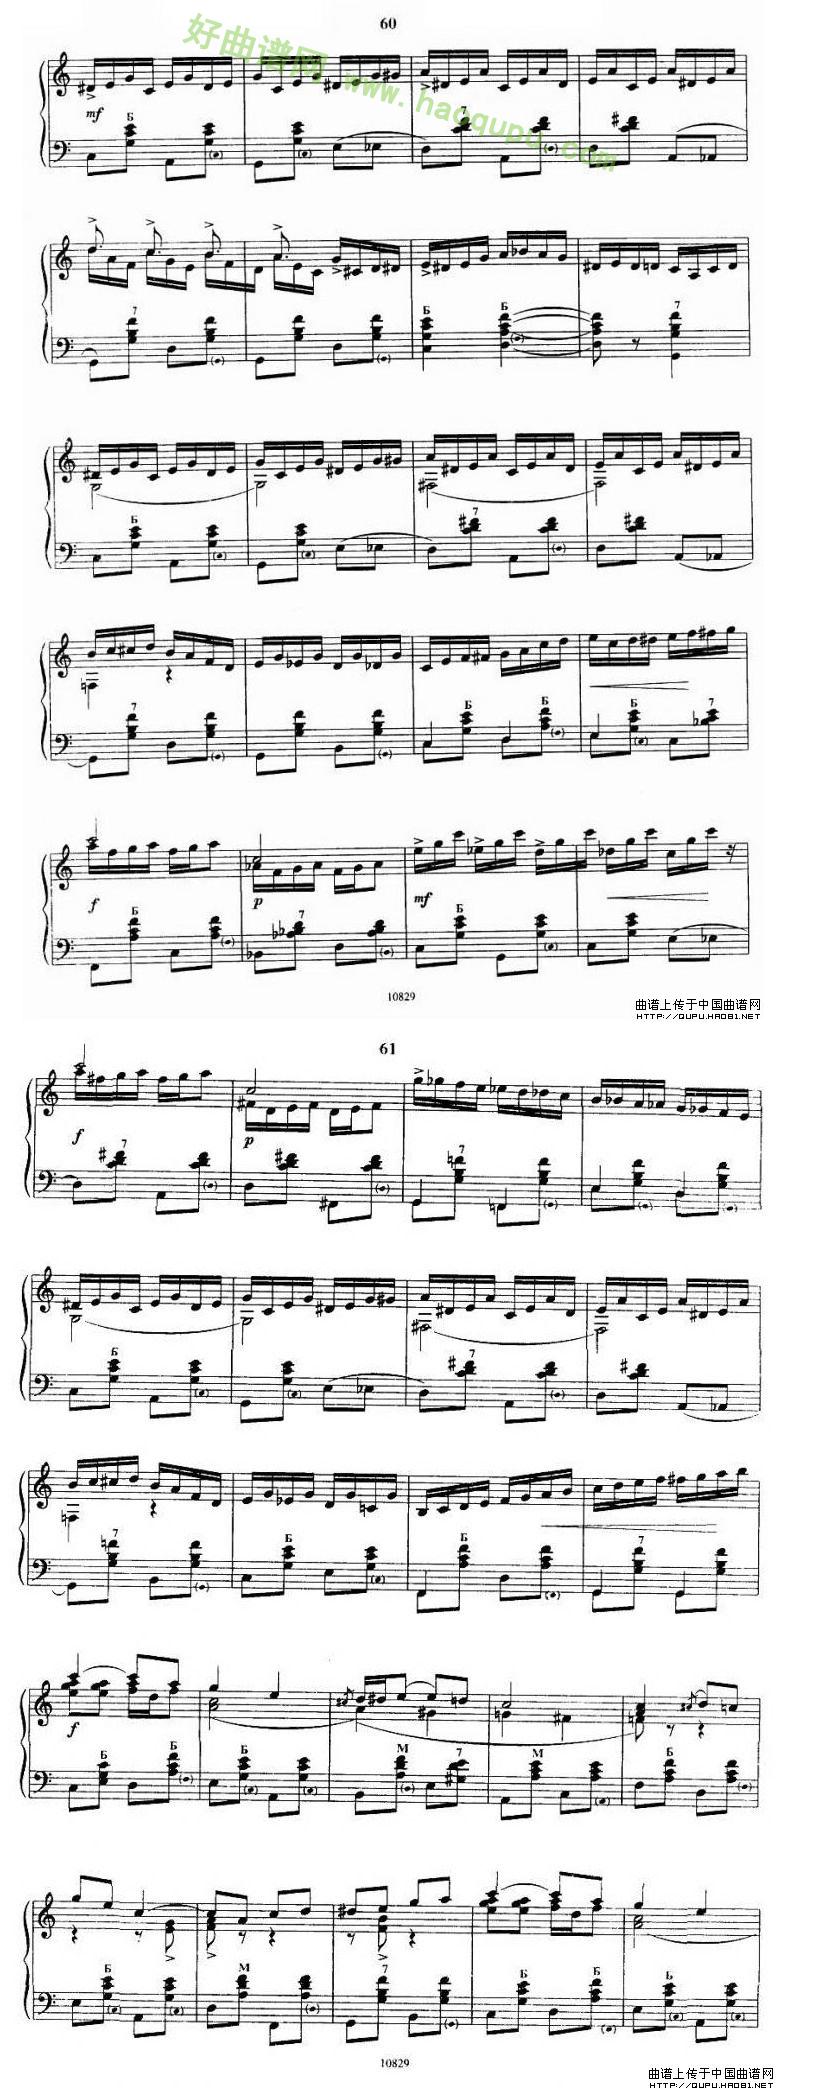 《杰克牛仔》手风琴曲谱第5张